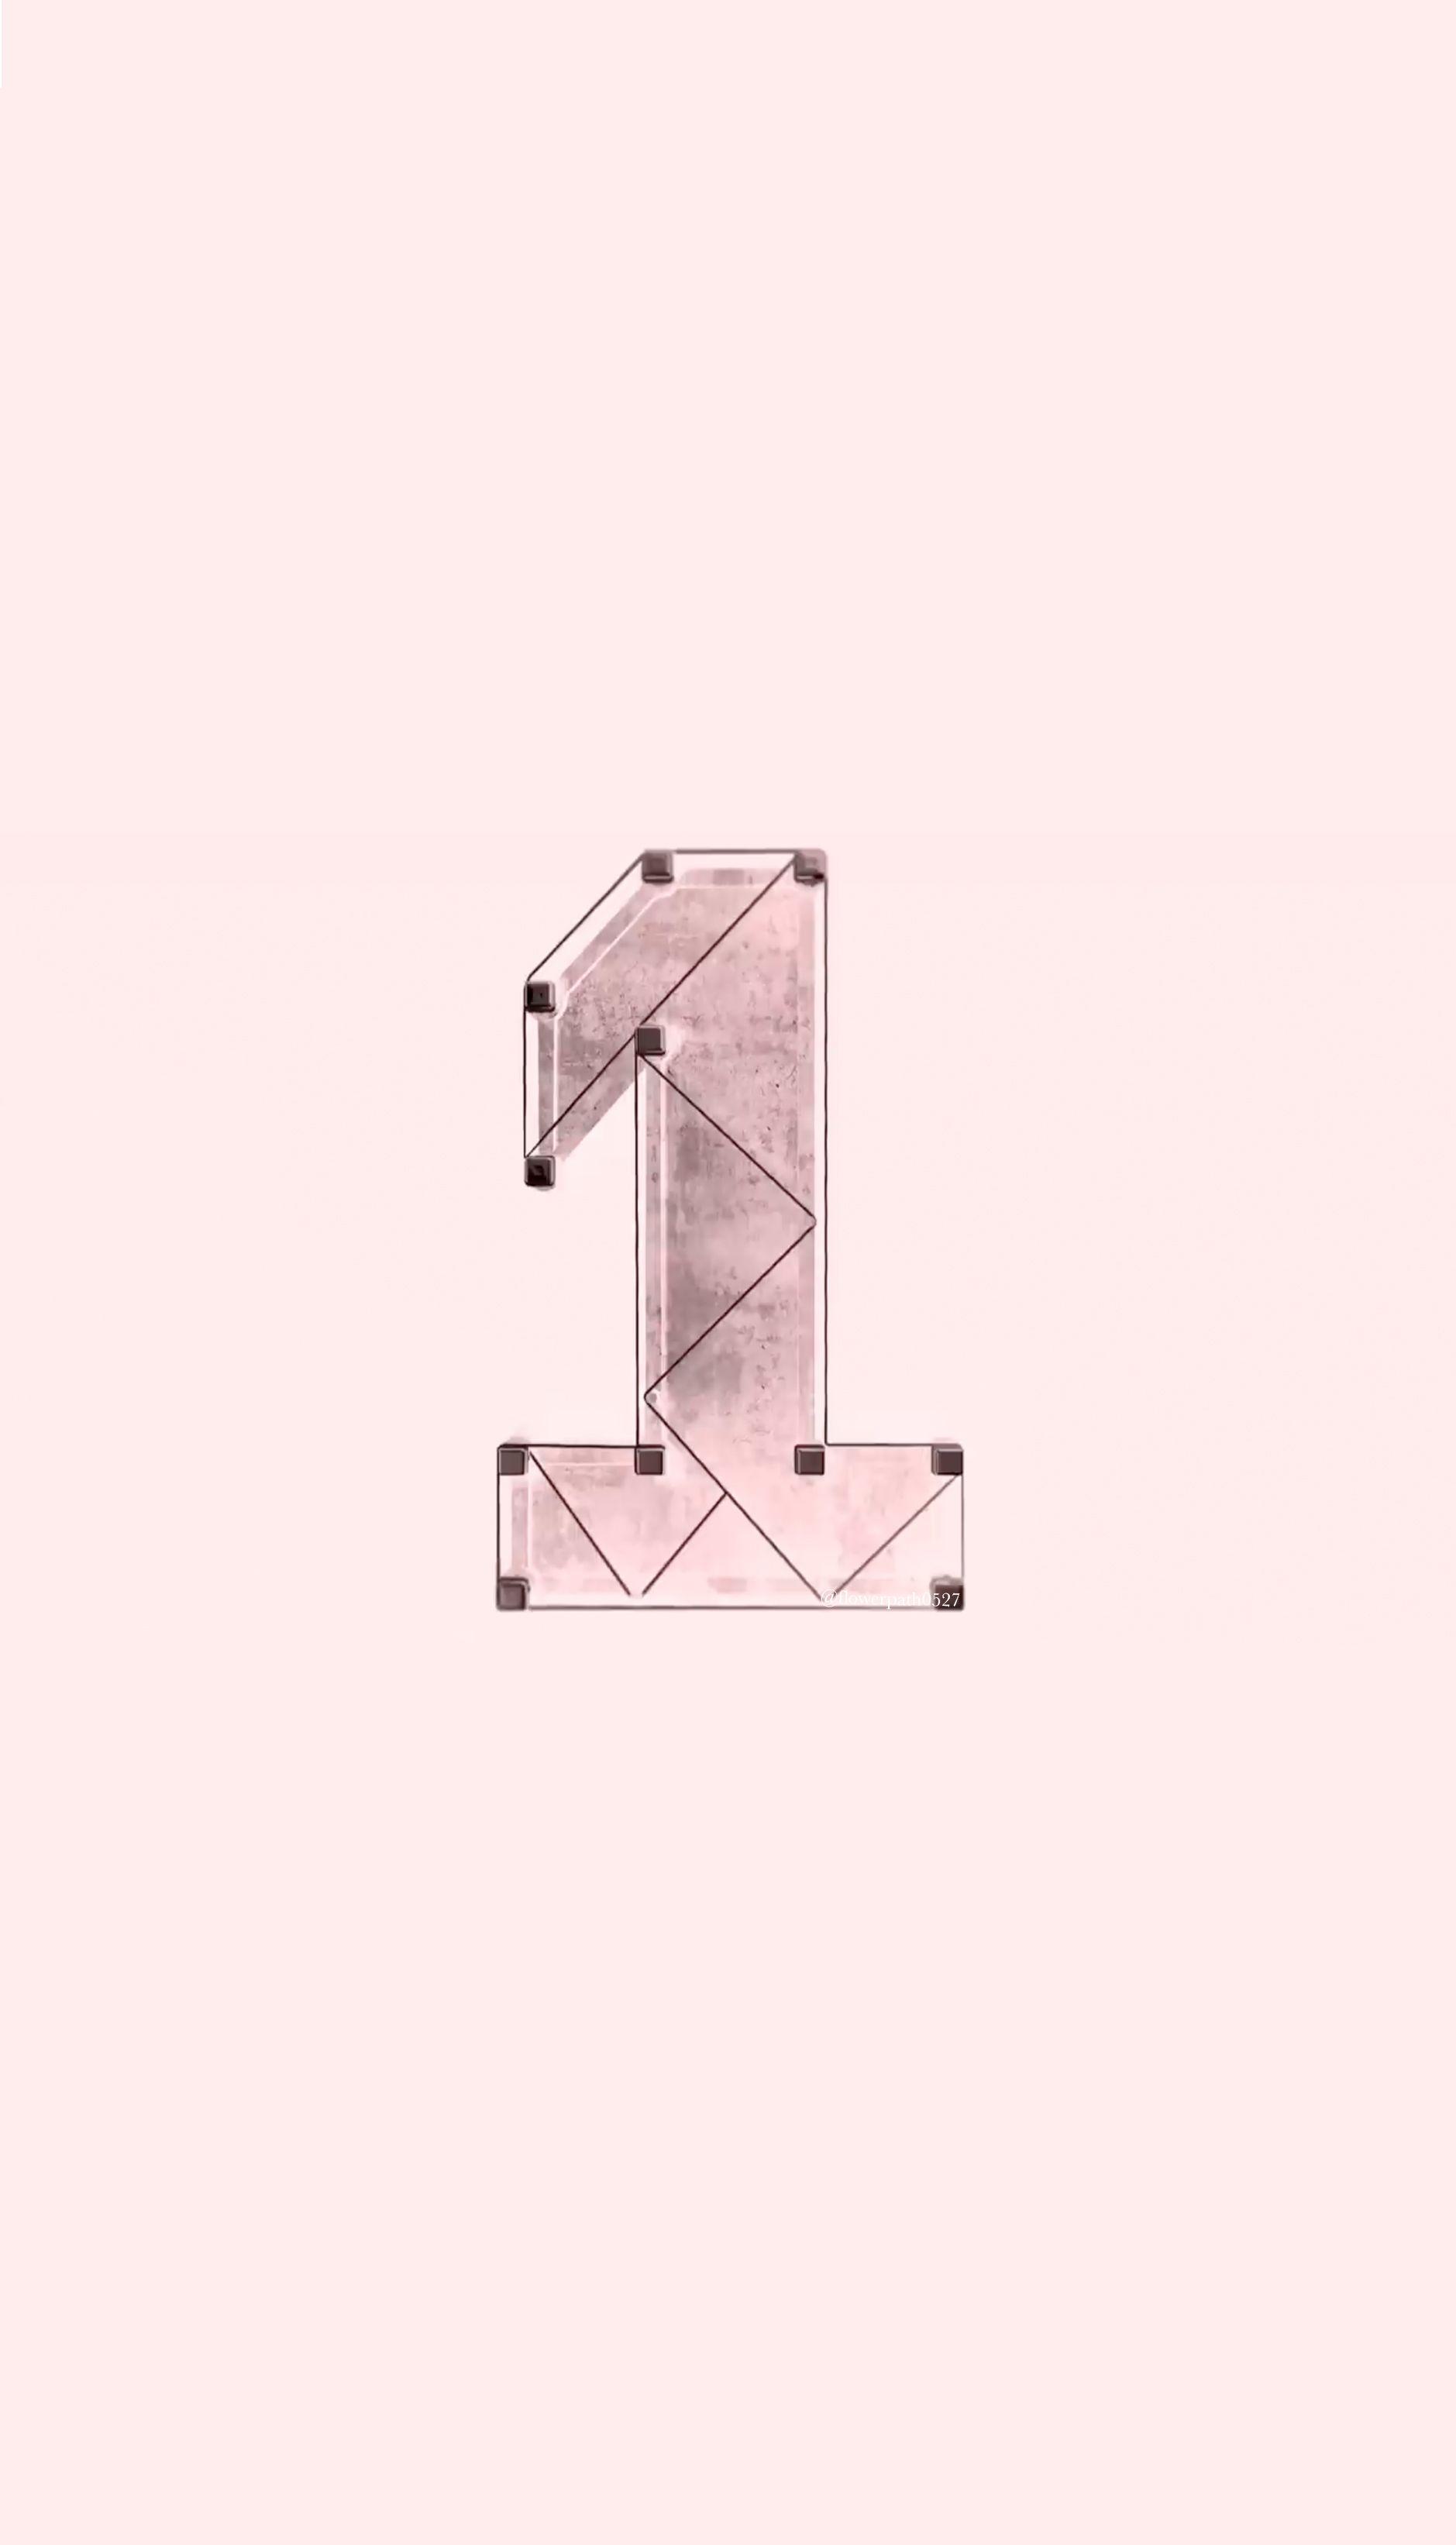 Wanna One 1 X 1 Undivided Logo Wallpaper Wallpaper Ponsel Kertas Dinding Sampul Buku